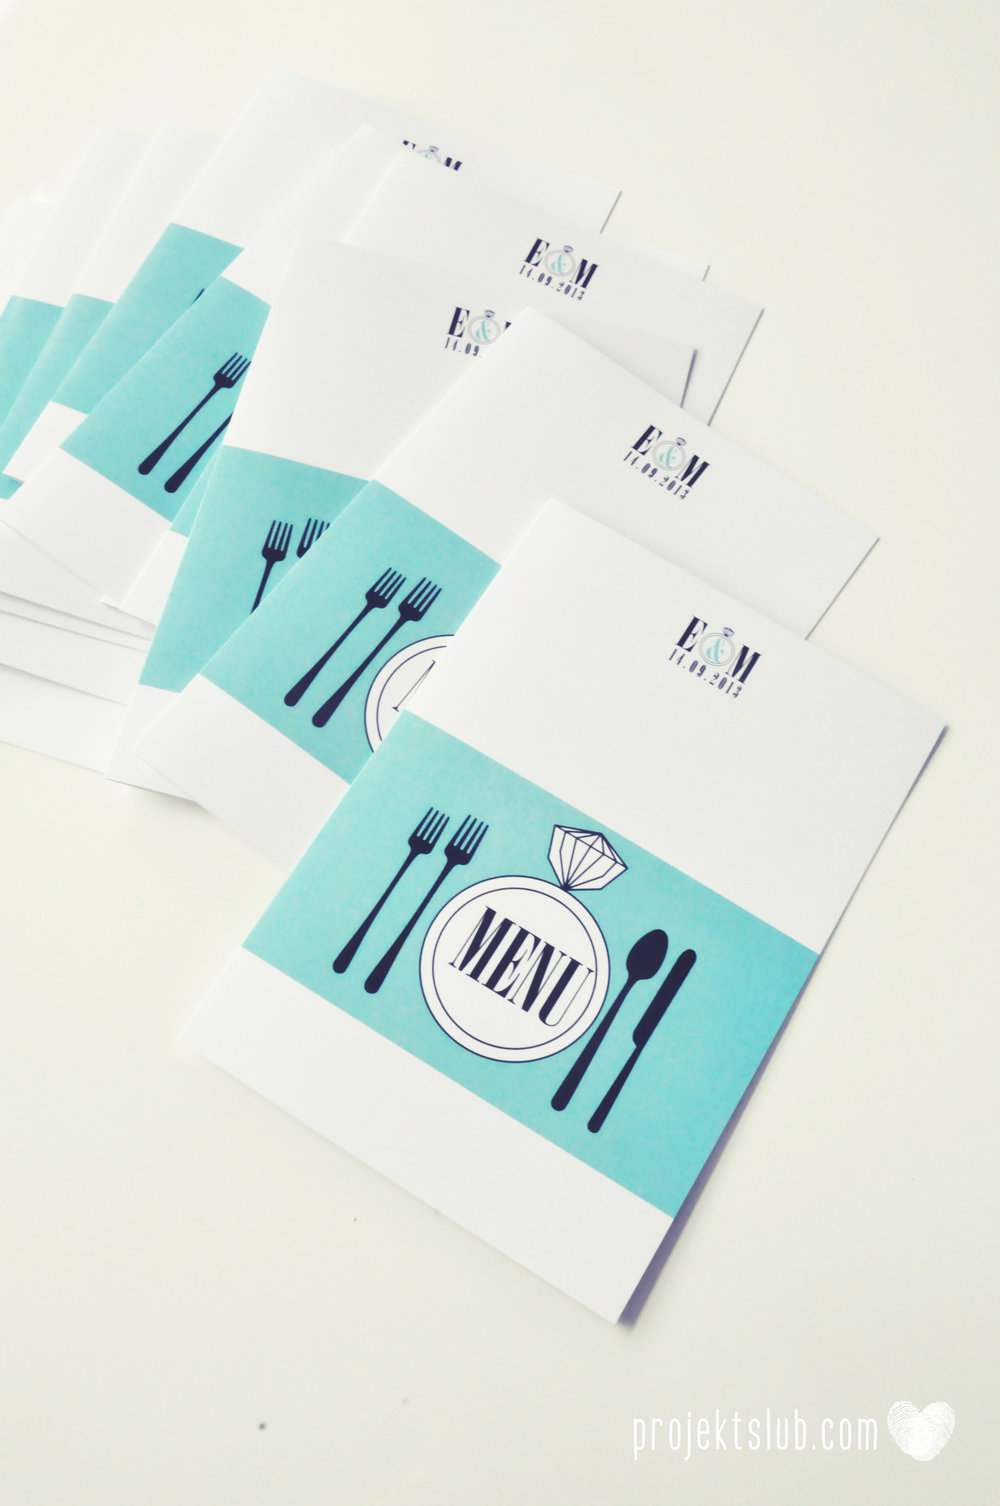 zaproszenia ślubne fashionelki wieża eiffel paryż piktogramy elegancki minimalizm błękit kolor tiffany zdjęcie narzeczonych Projekt Ślub (18).JPG